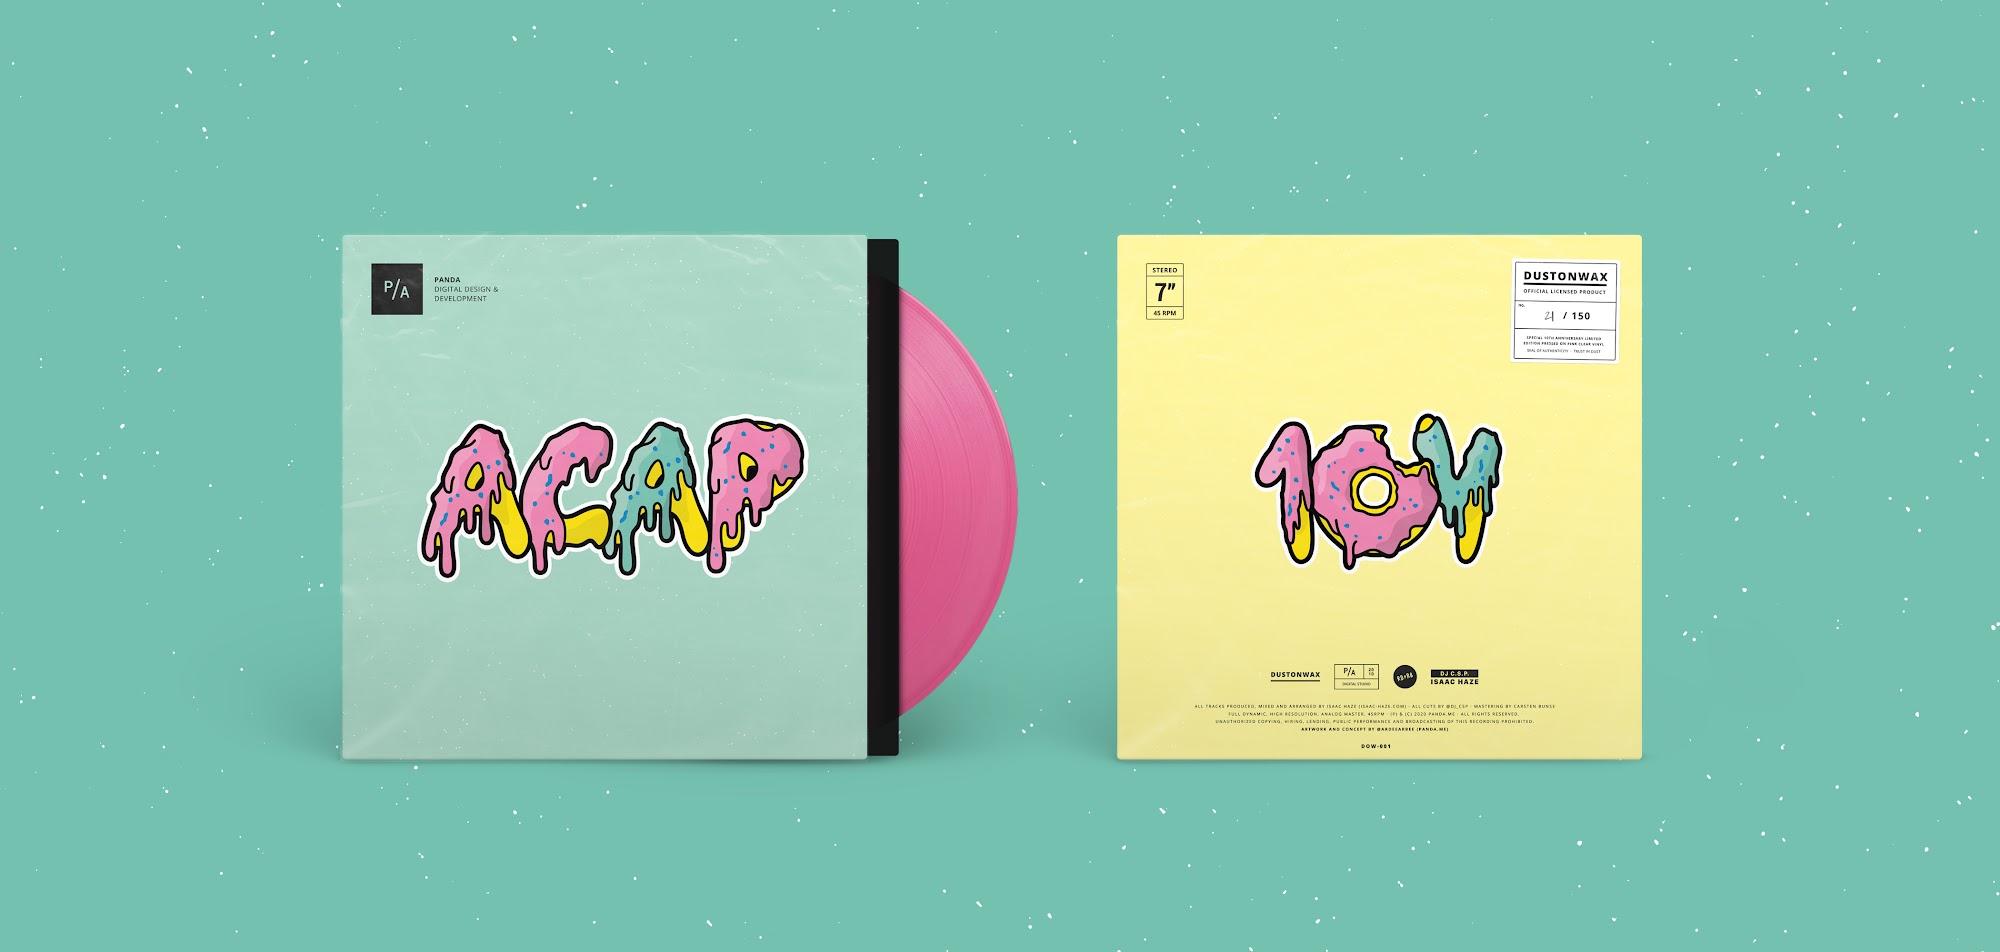 Isaac Haze mit neuem Vinyl und Musik für eine Stuttgarter Kreativagentur und den guten Zweck   Full EP Stream